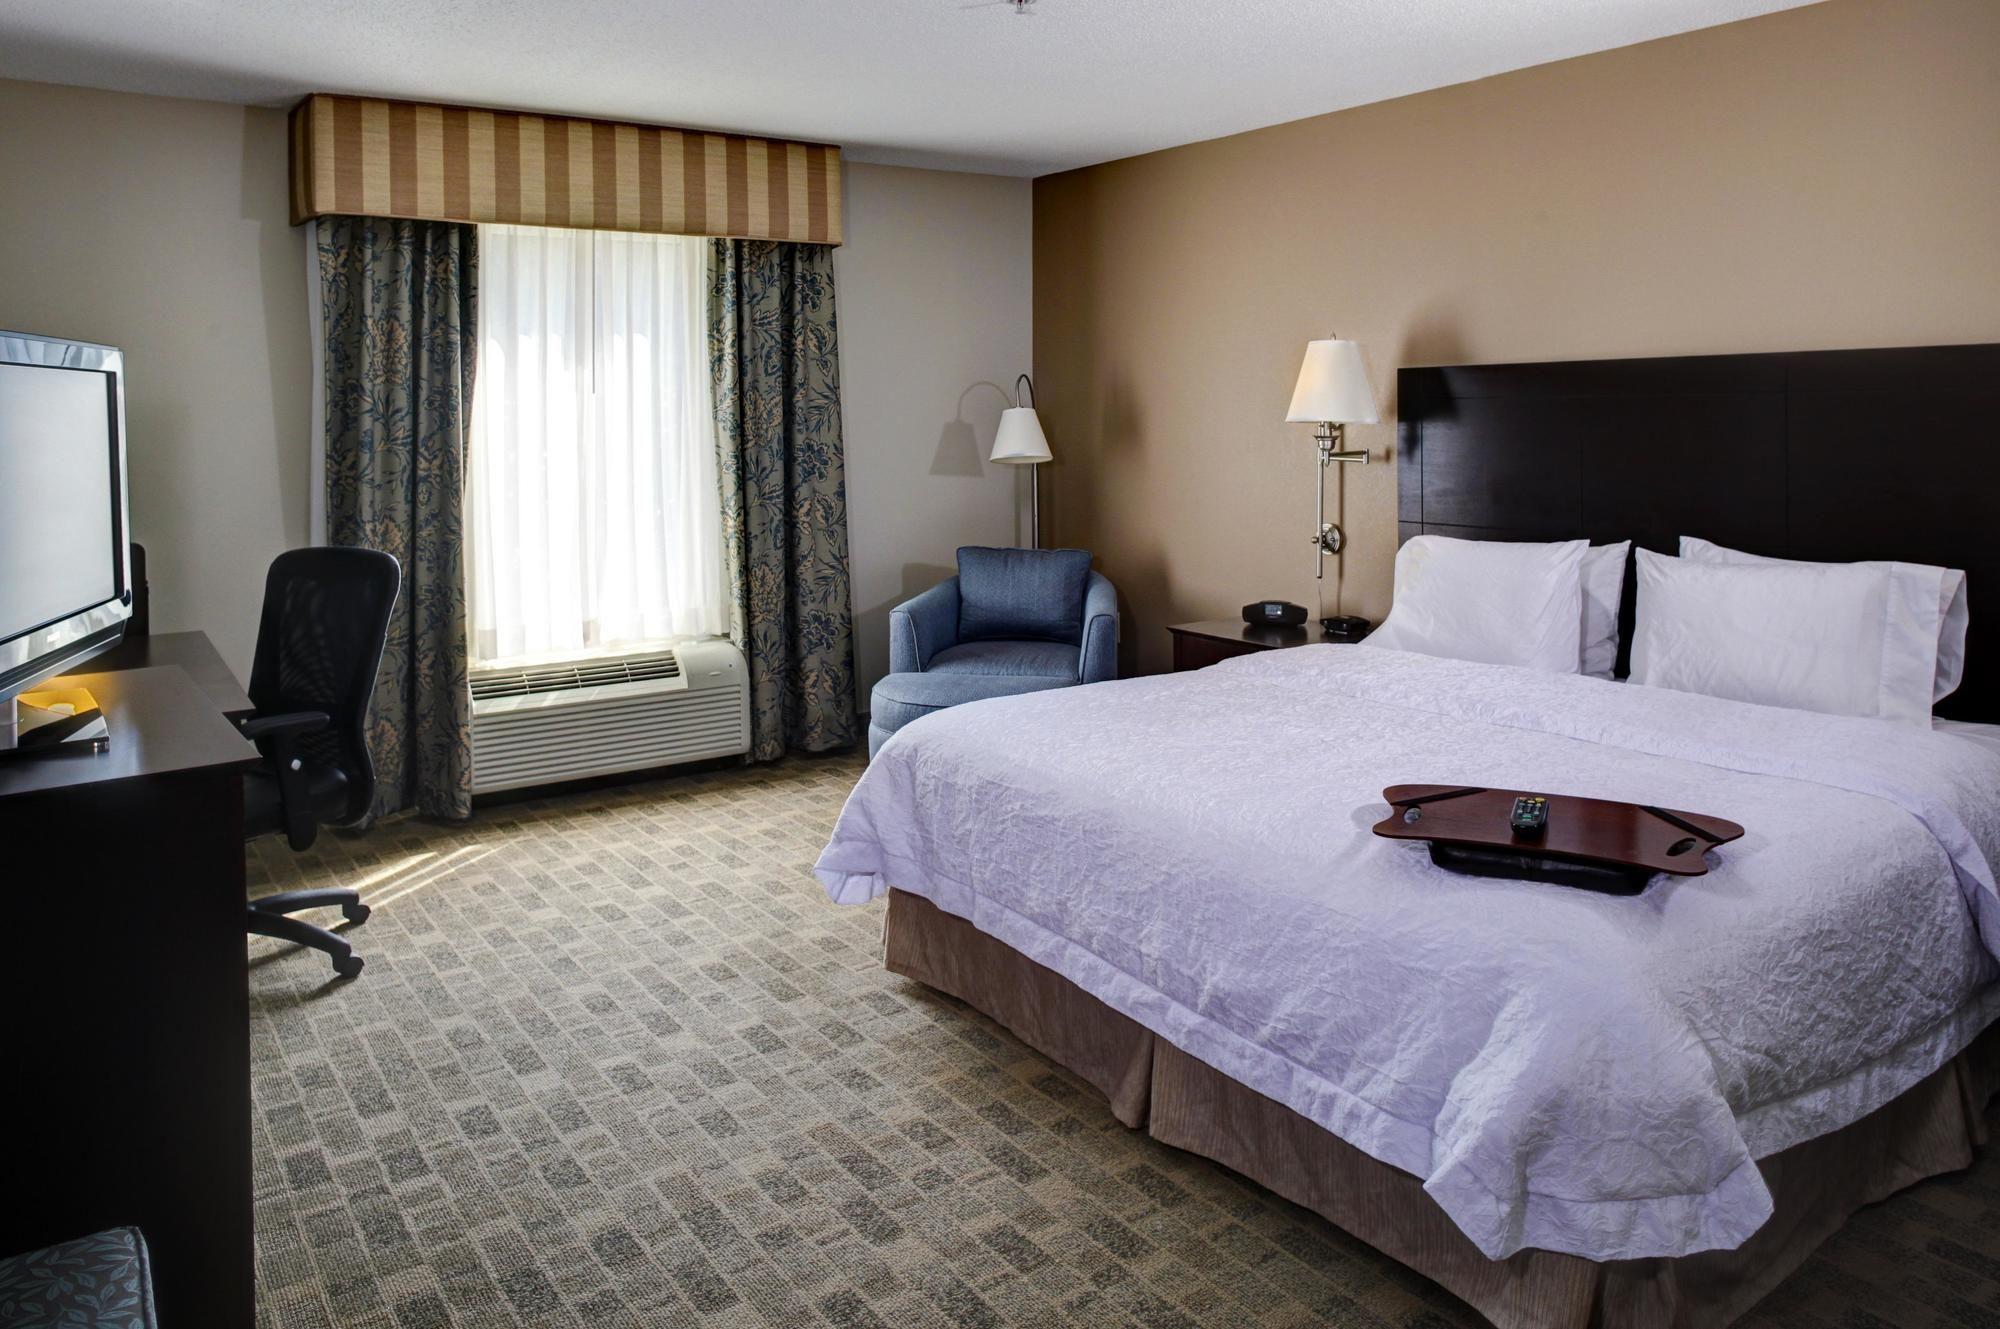 Hampton Inn & Suites Atlanta Airport West/Camp Creek Pkwy